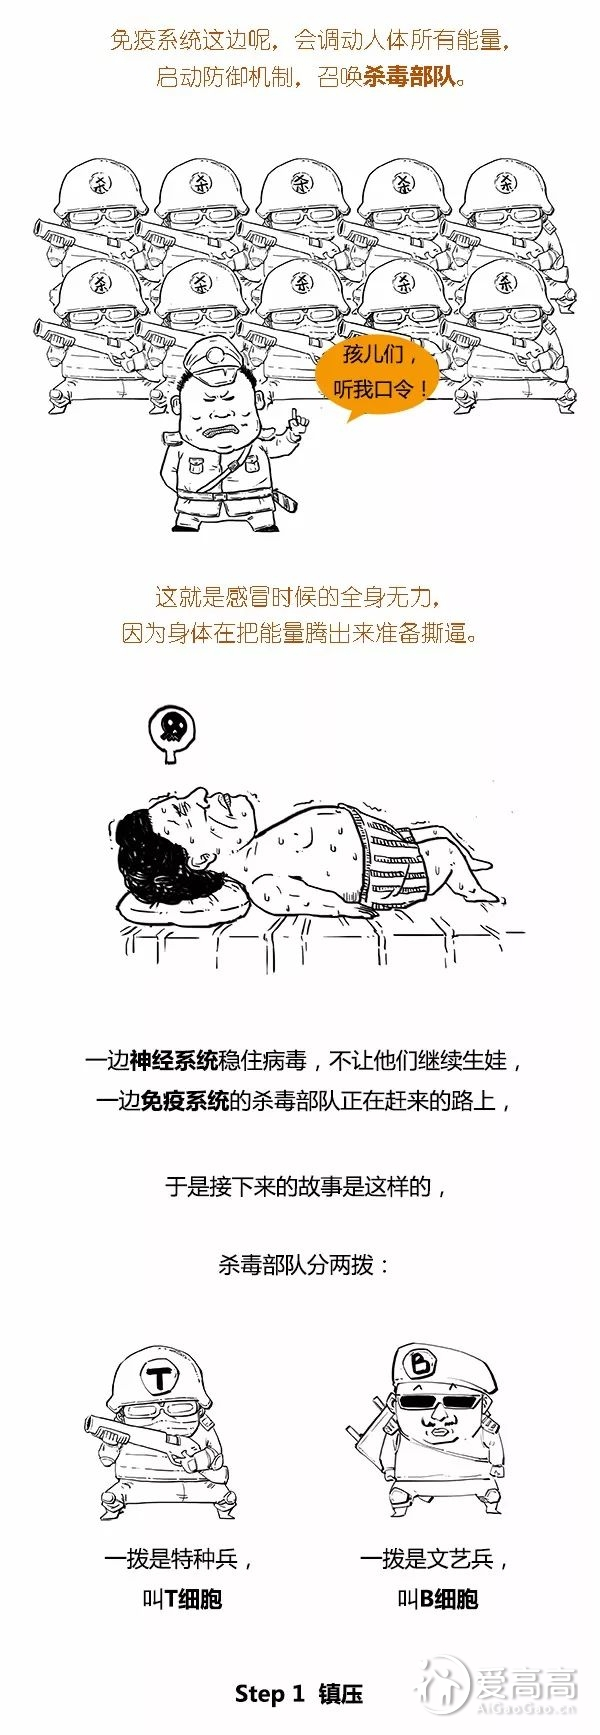 科普漫画:流感到底是个什么东东?小编看完已笑趴在办公桌上